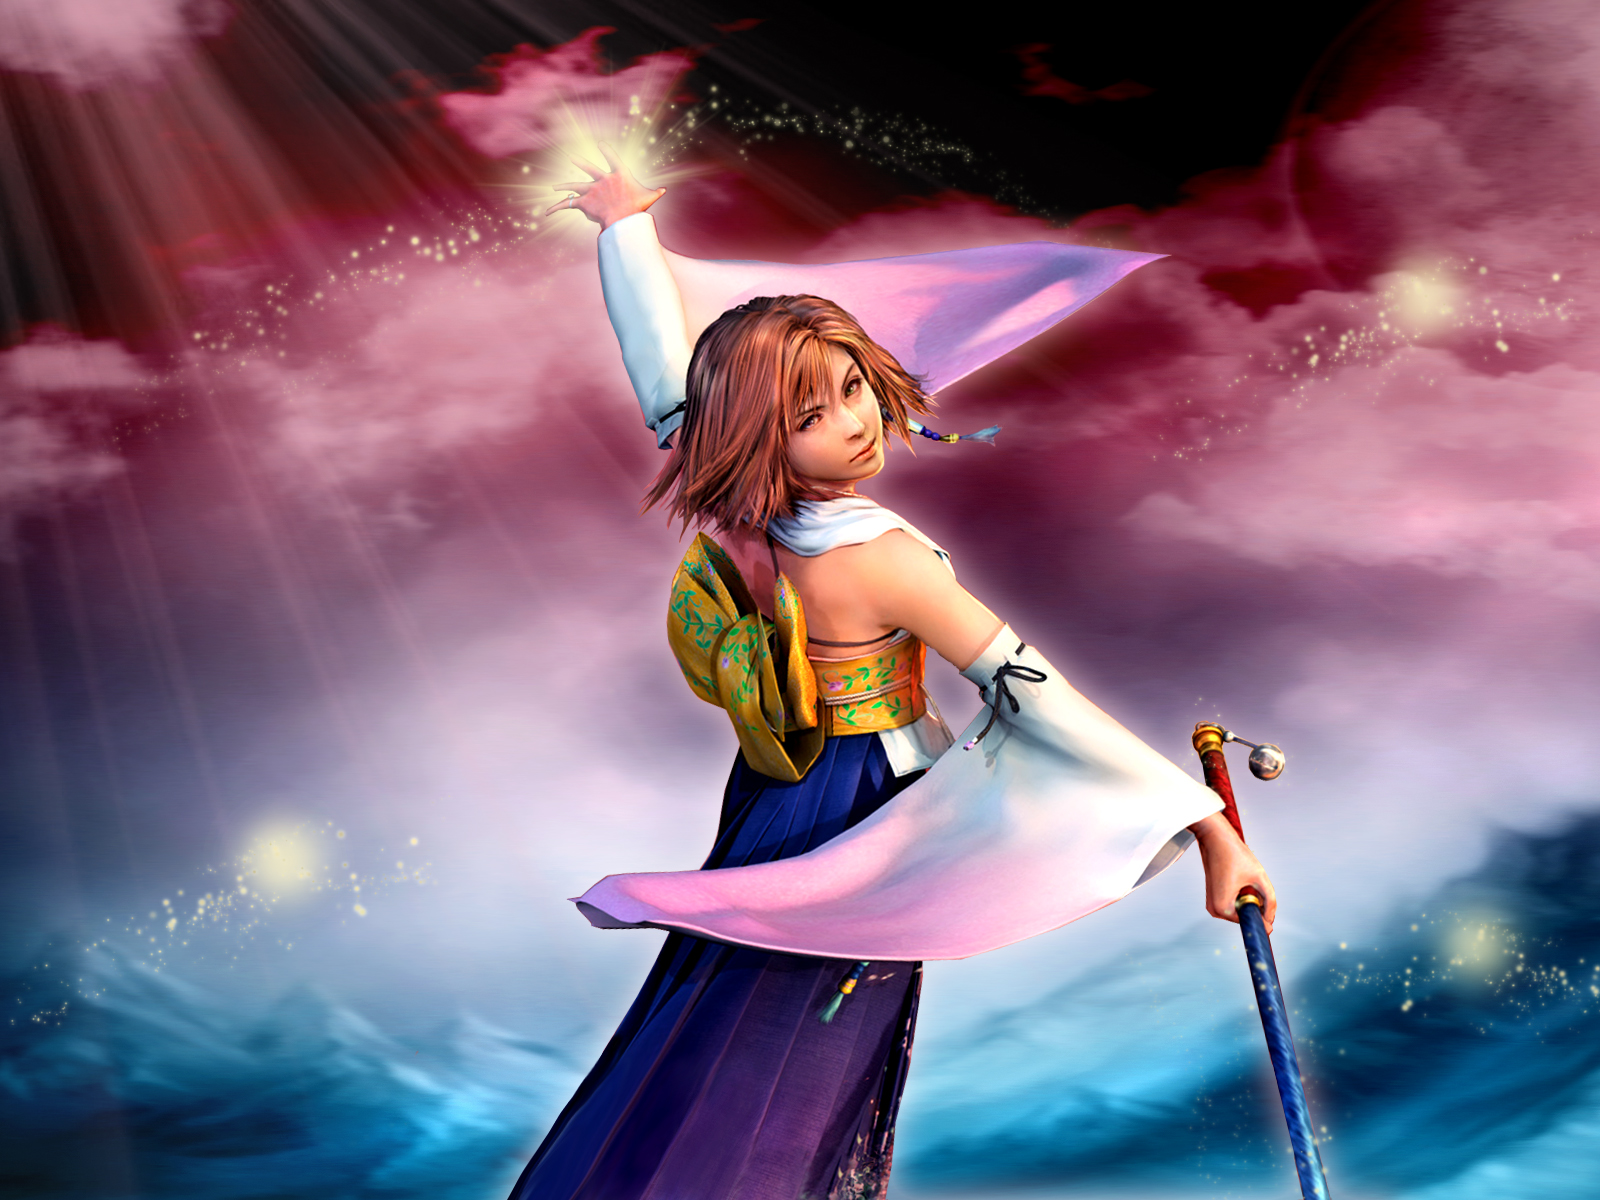 Final fantasy x wallpaper yuna and the spirits minitokyo - Yuna wallpaper ...